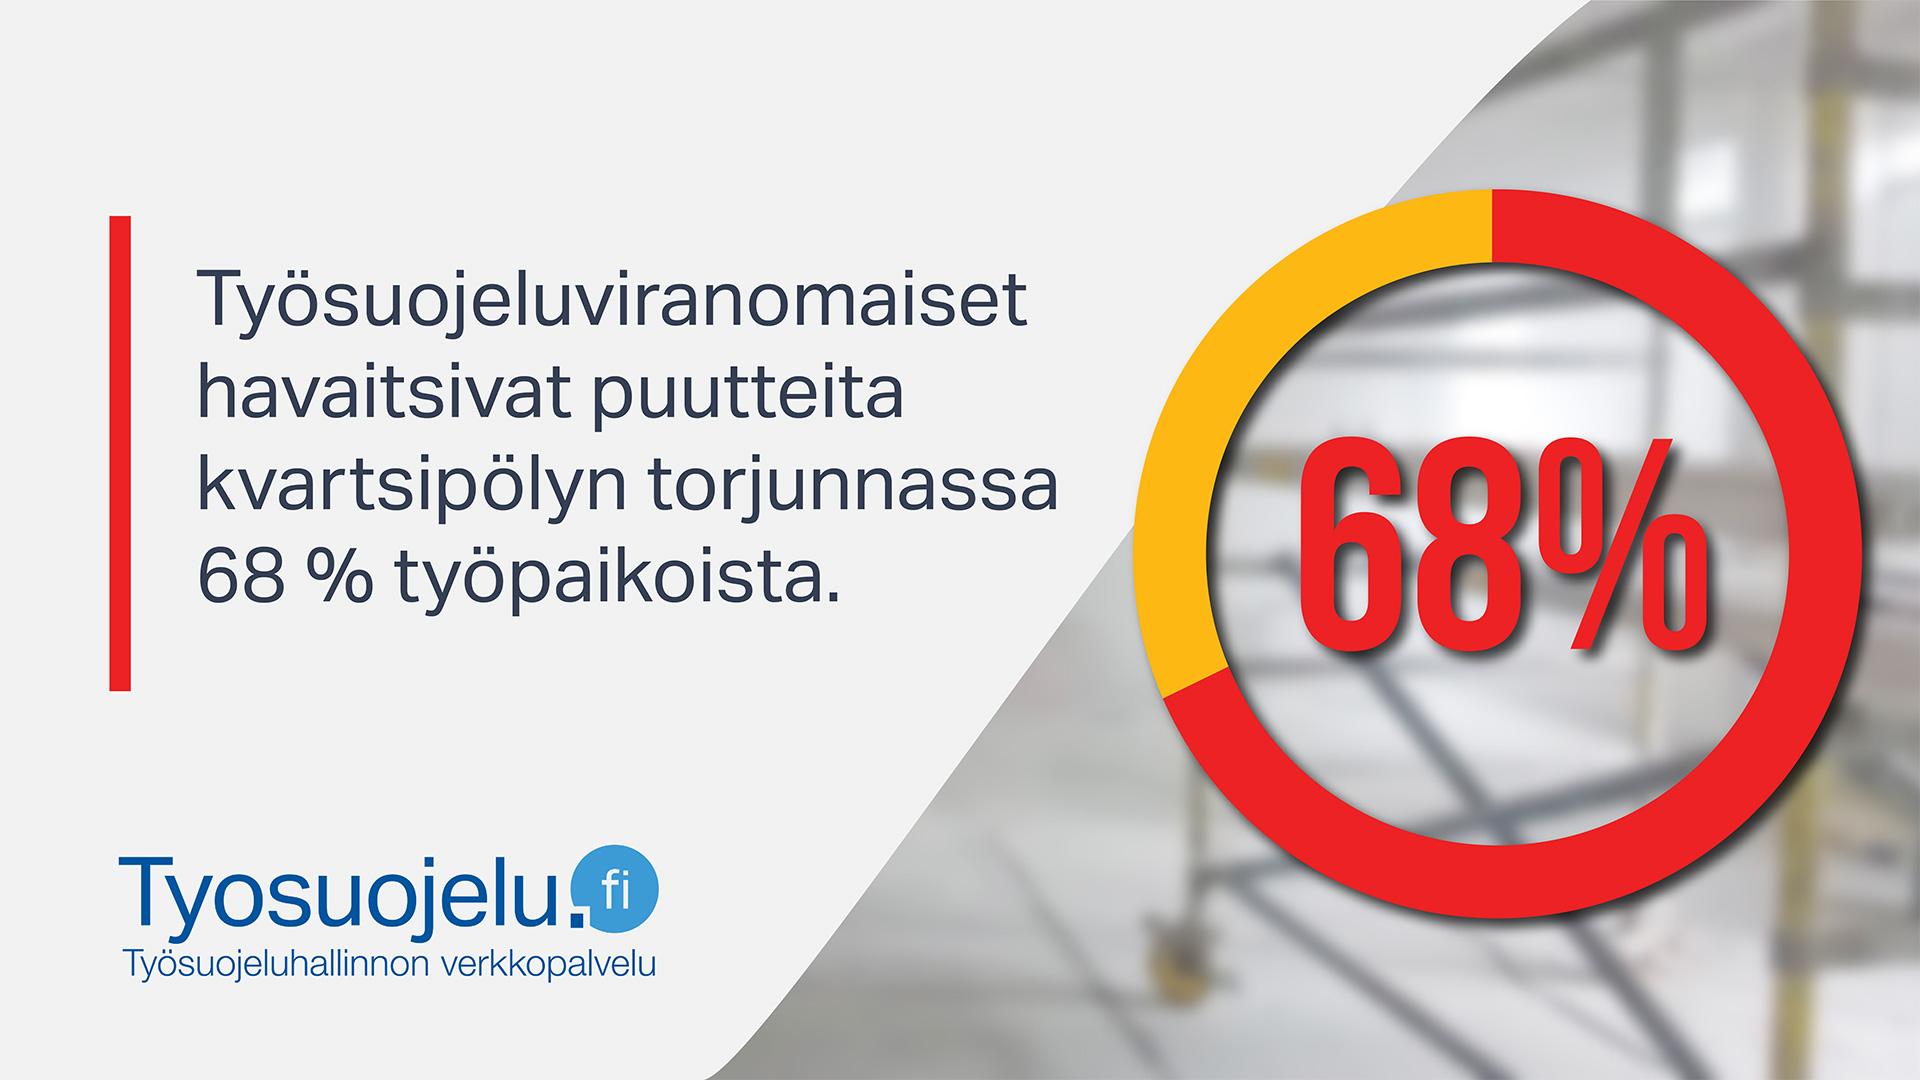 Teksti: Työsuojeluviranomaiset havaitsivat puutteita kvartsipölyn torjunnassa 68% työpaikoista. Tyosuojelu.fi-logo.